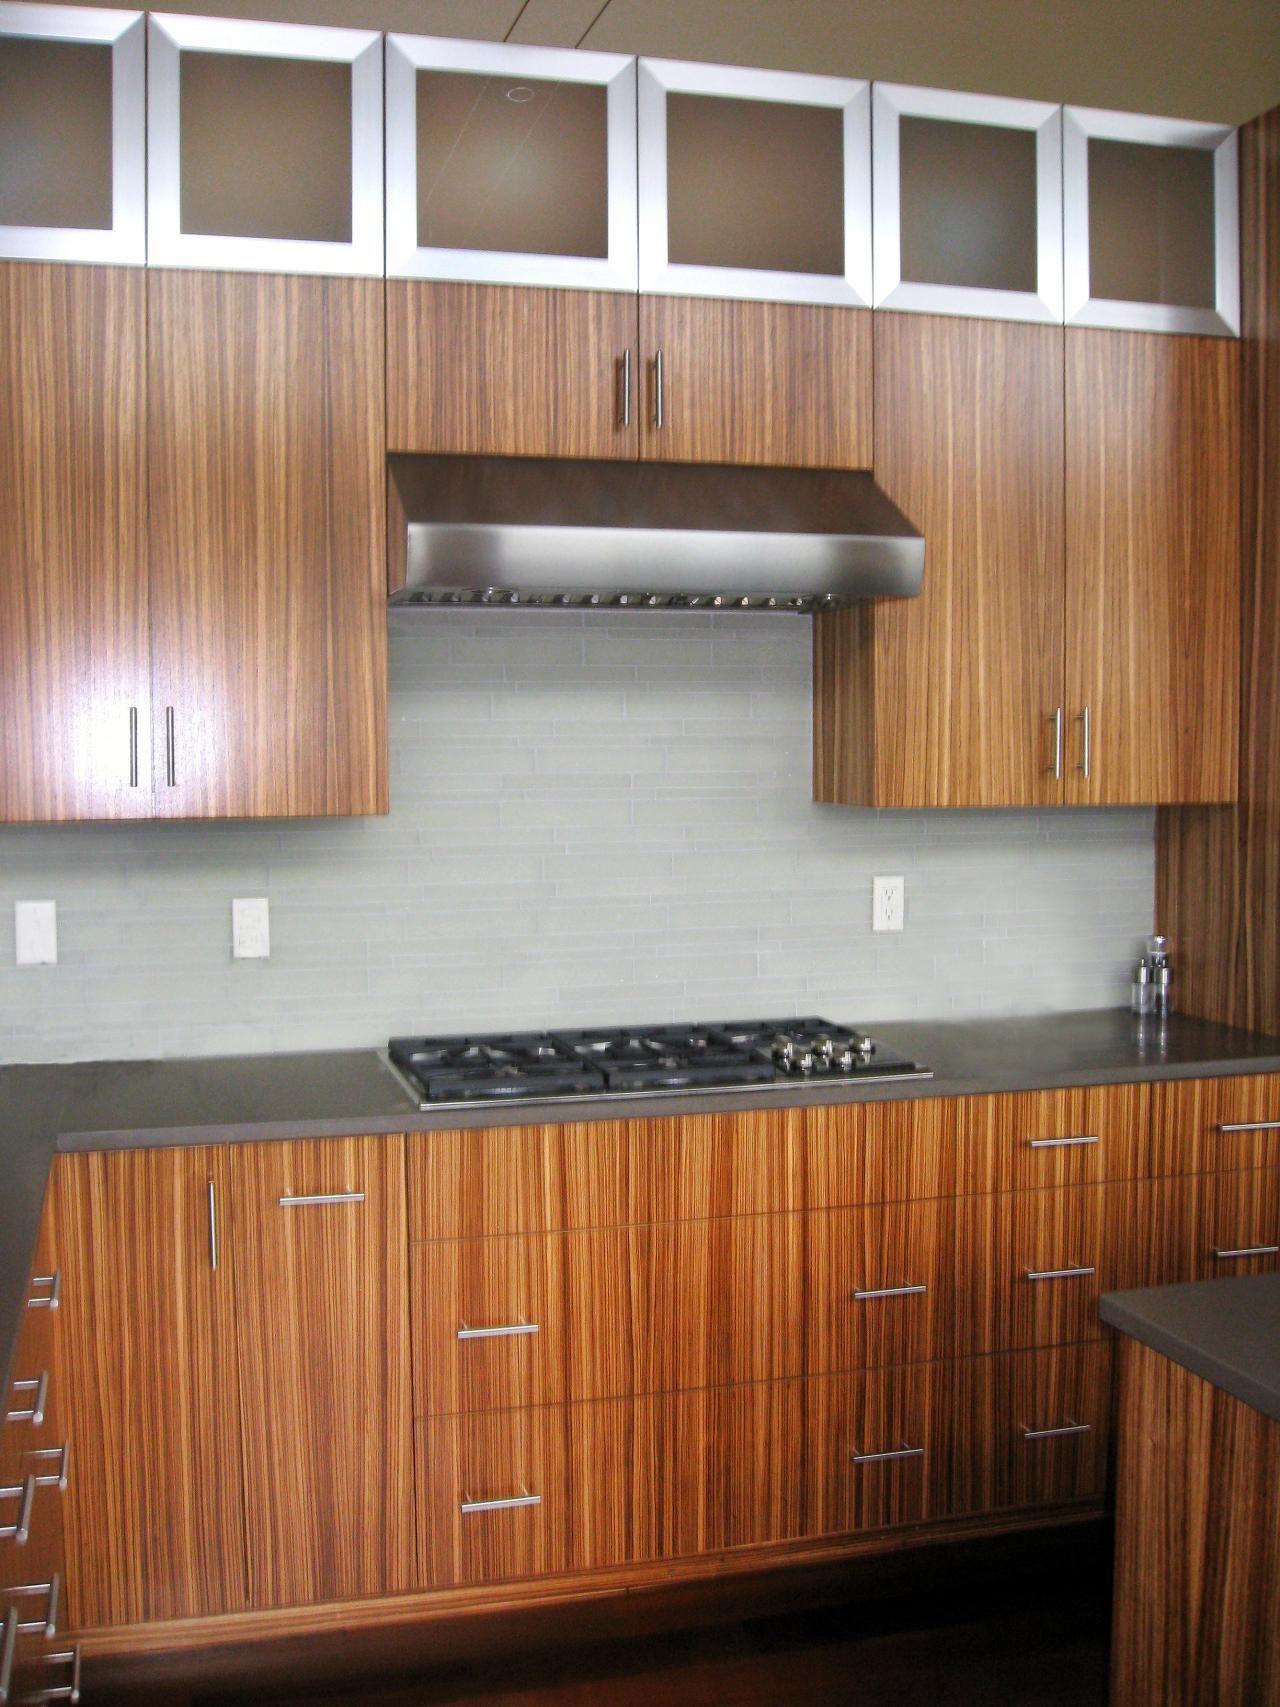 Modern Kitchen With Zebra Wood And Stainless Steel Cabinets Hgtv Design Star Upper Kitchen Cabinets New Kitchen Designs